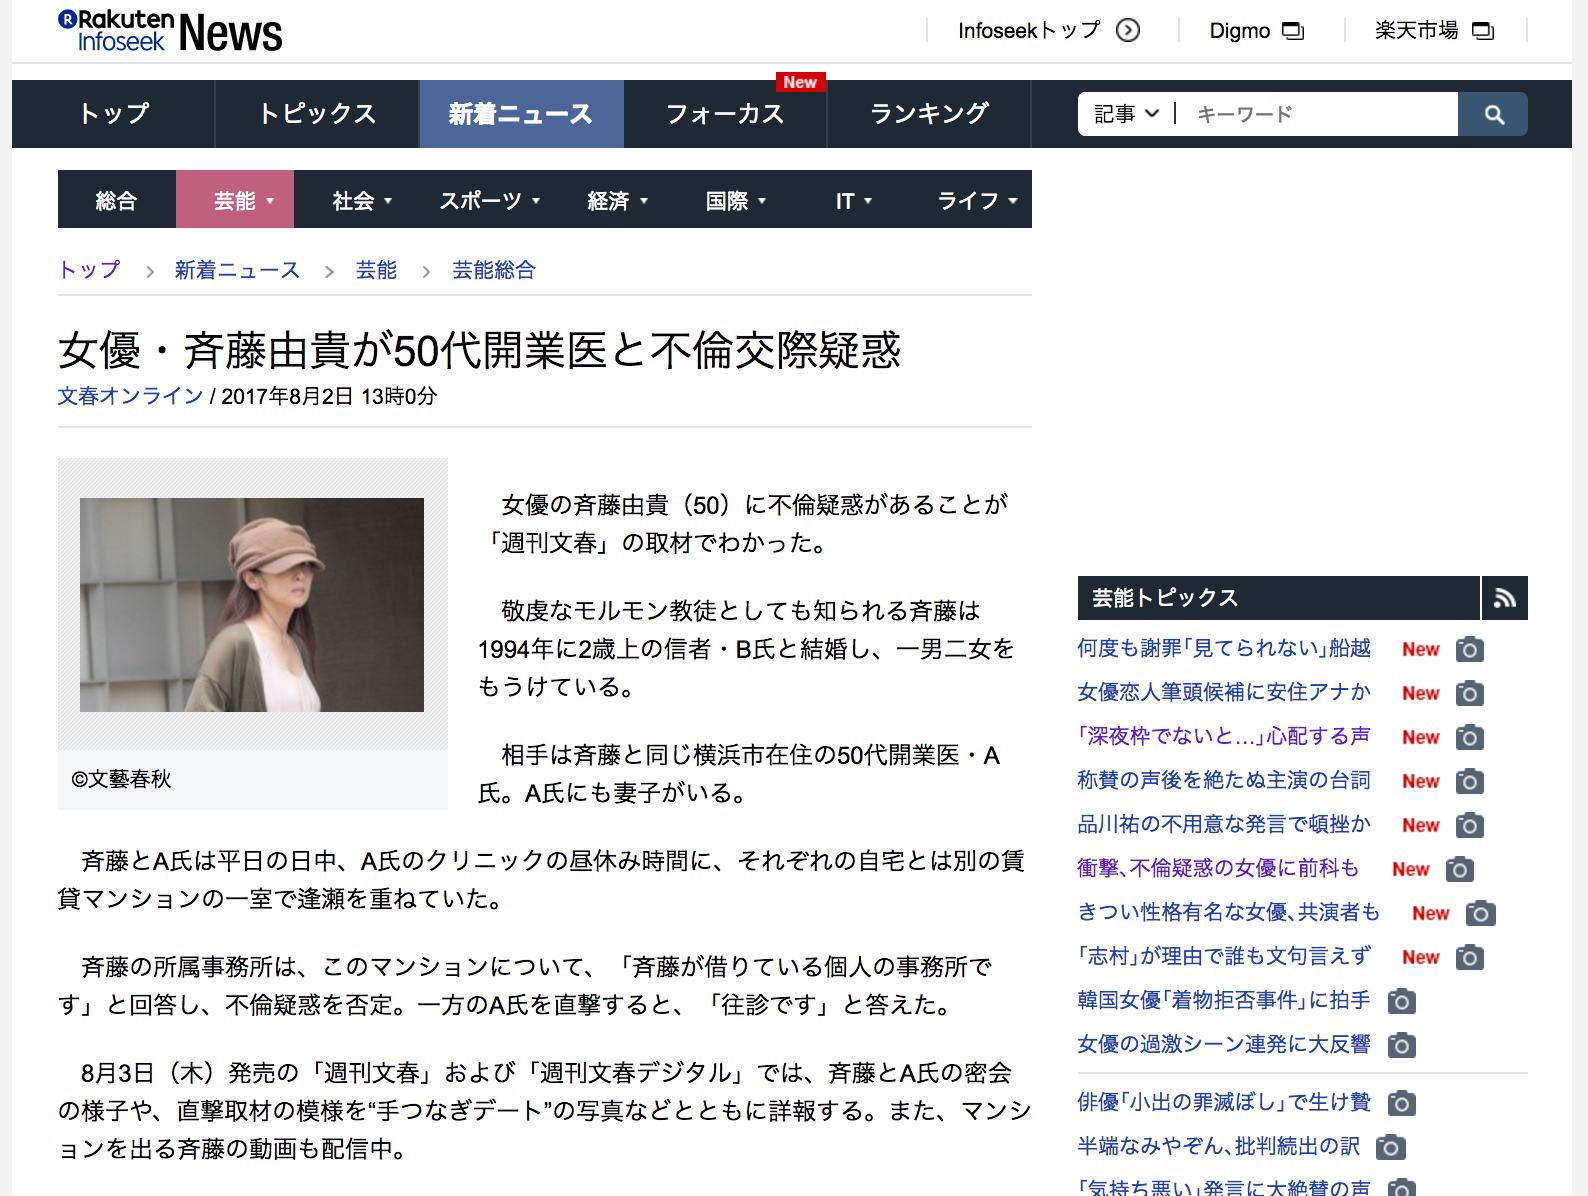 女優・斉藤由貴が50代開業医と不倫交際疑惑